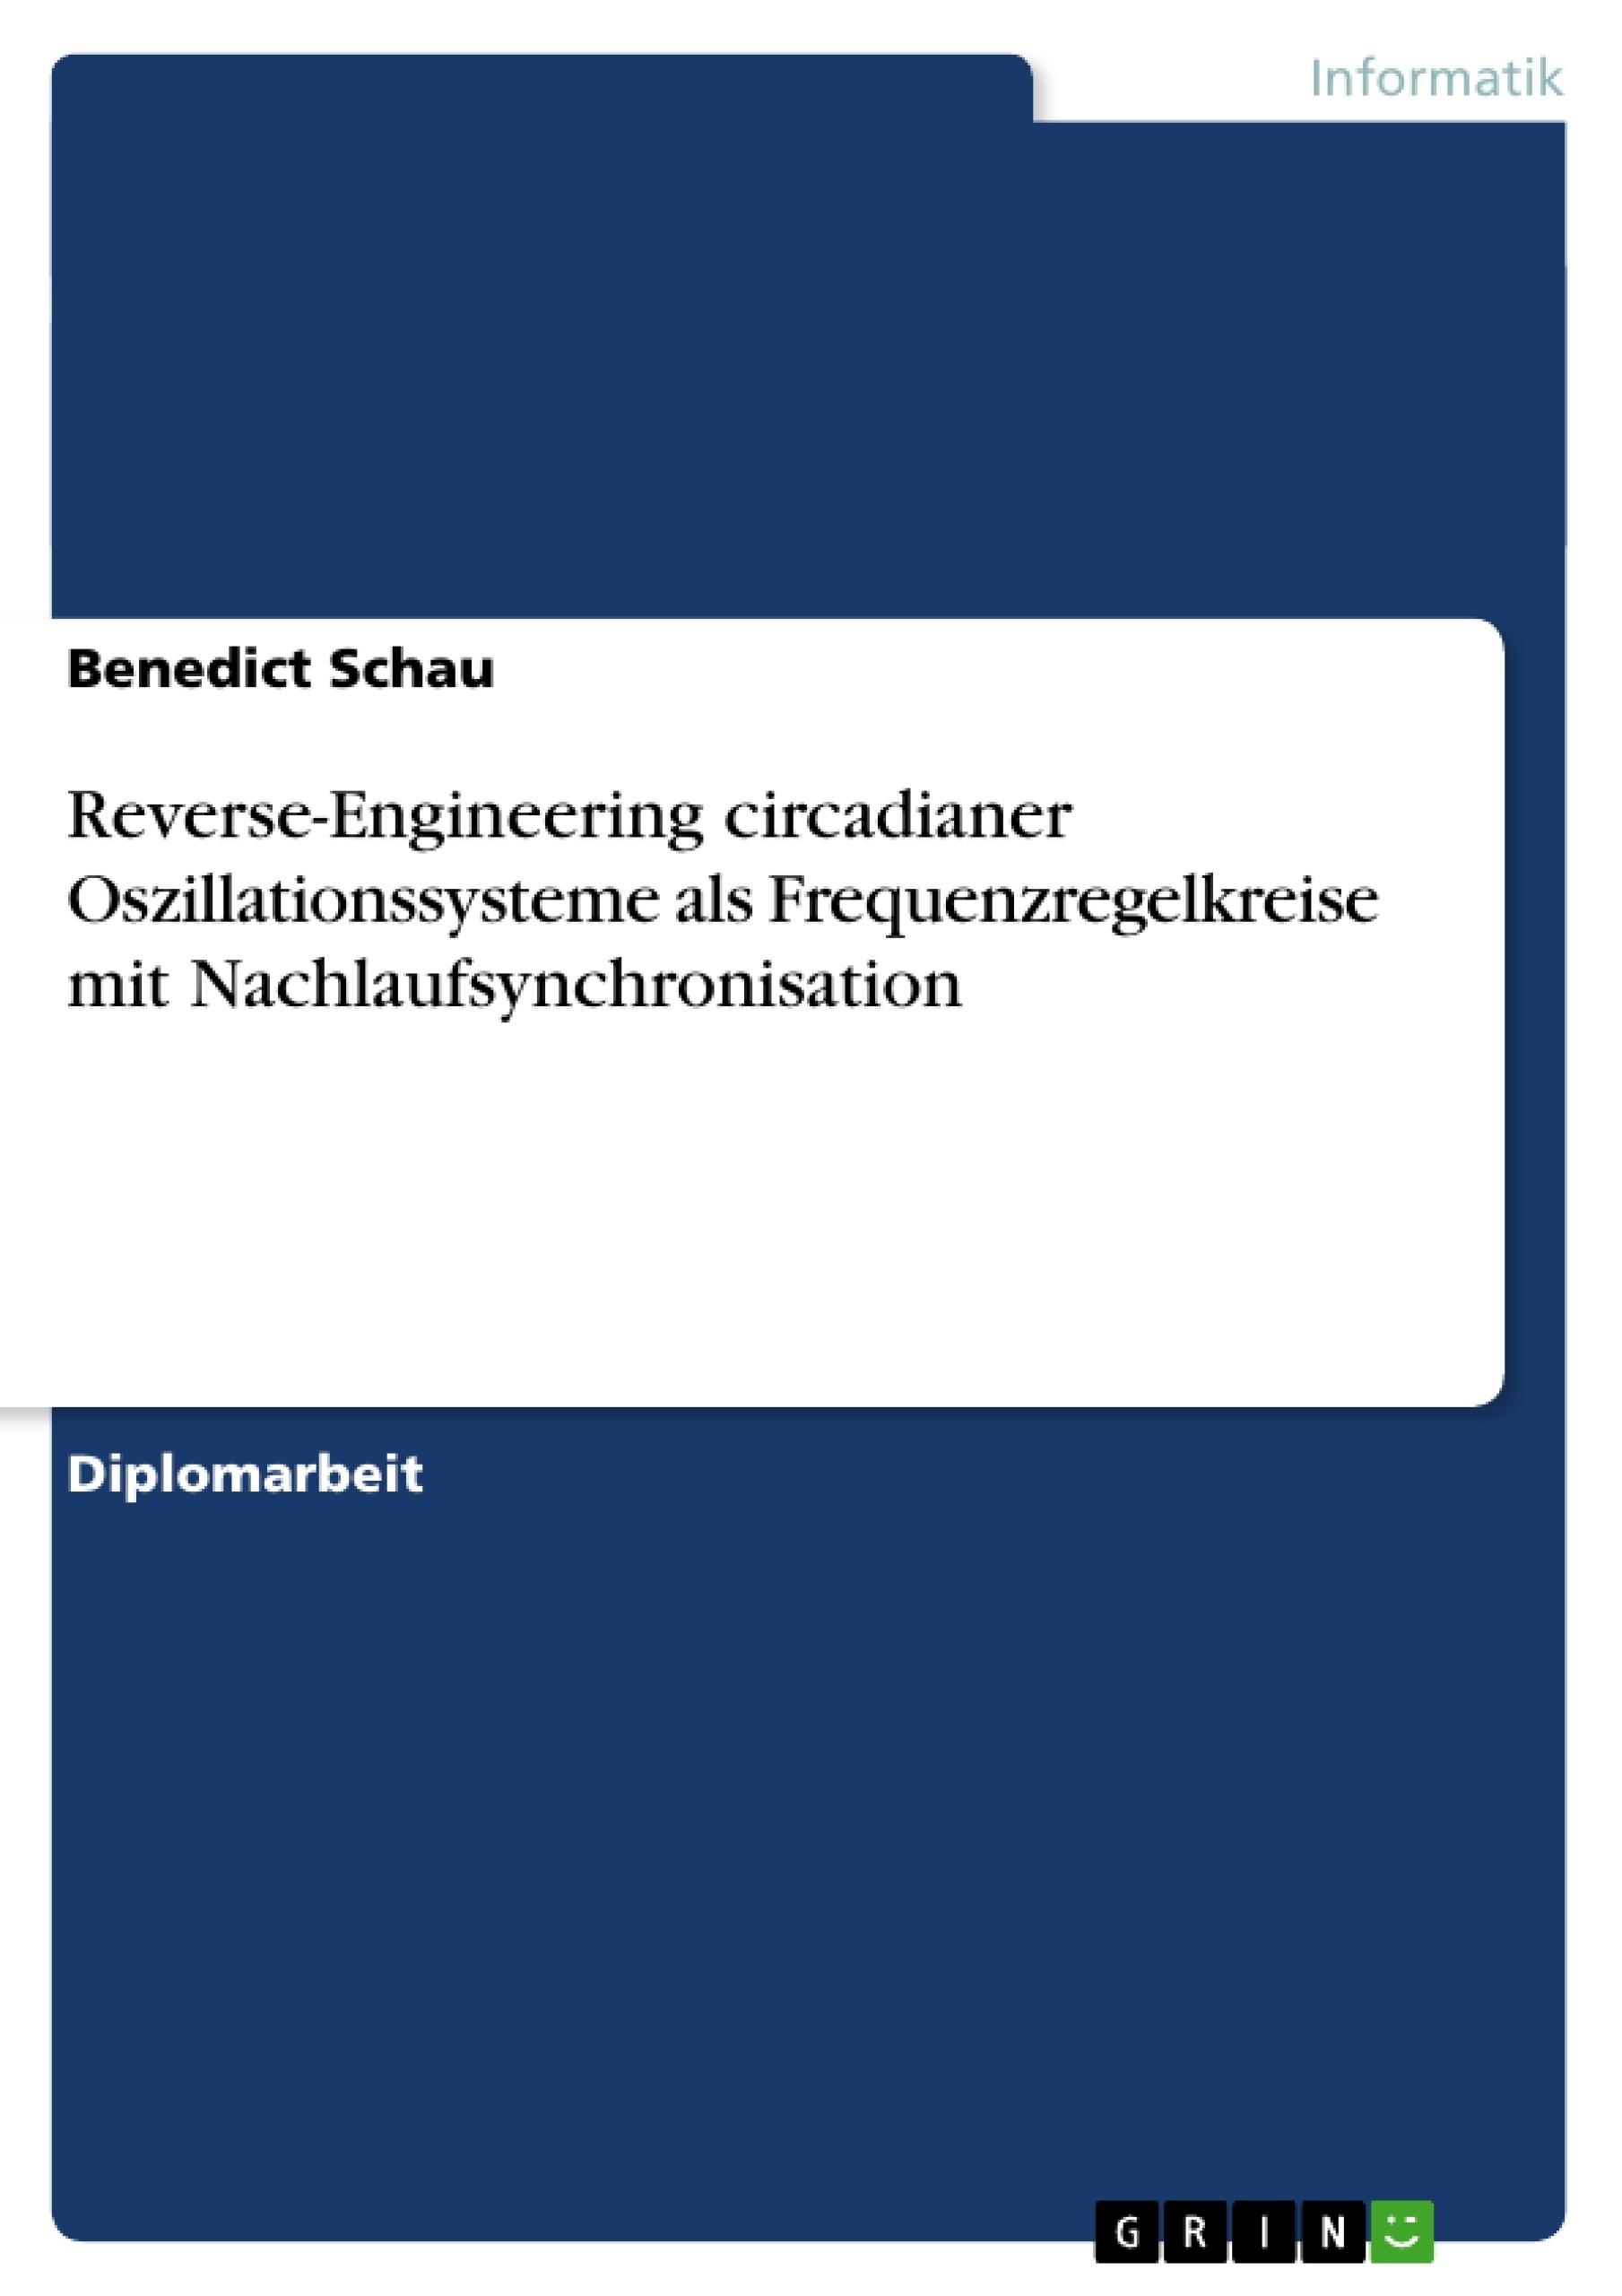 Titel: Reverse-Engineering circadianer Oszillationssysteme als Frequenzregelkreise mit Nachlaufsynchronisation